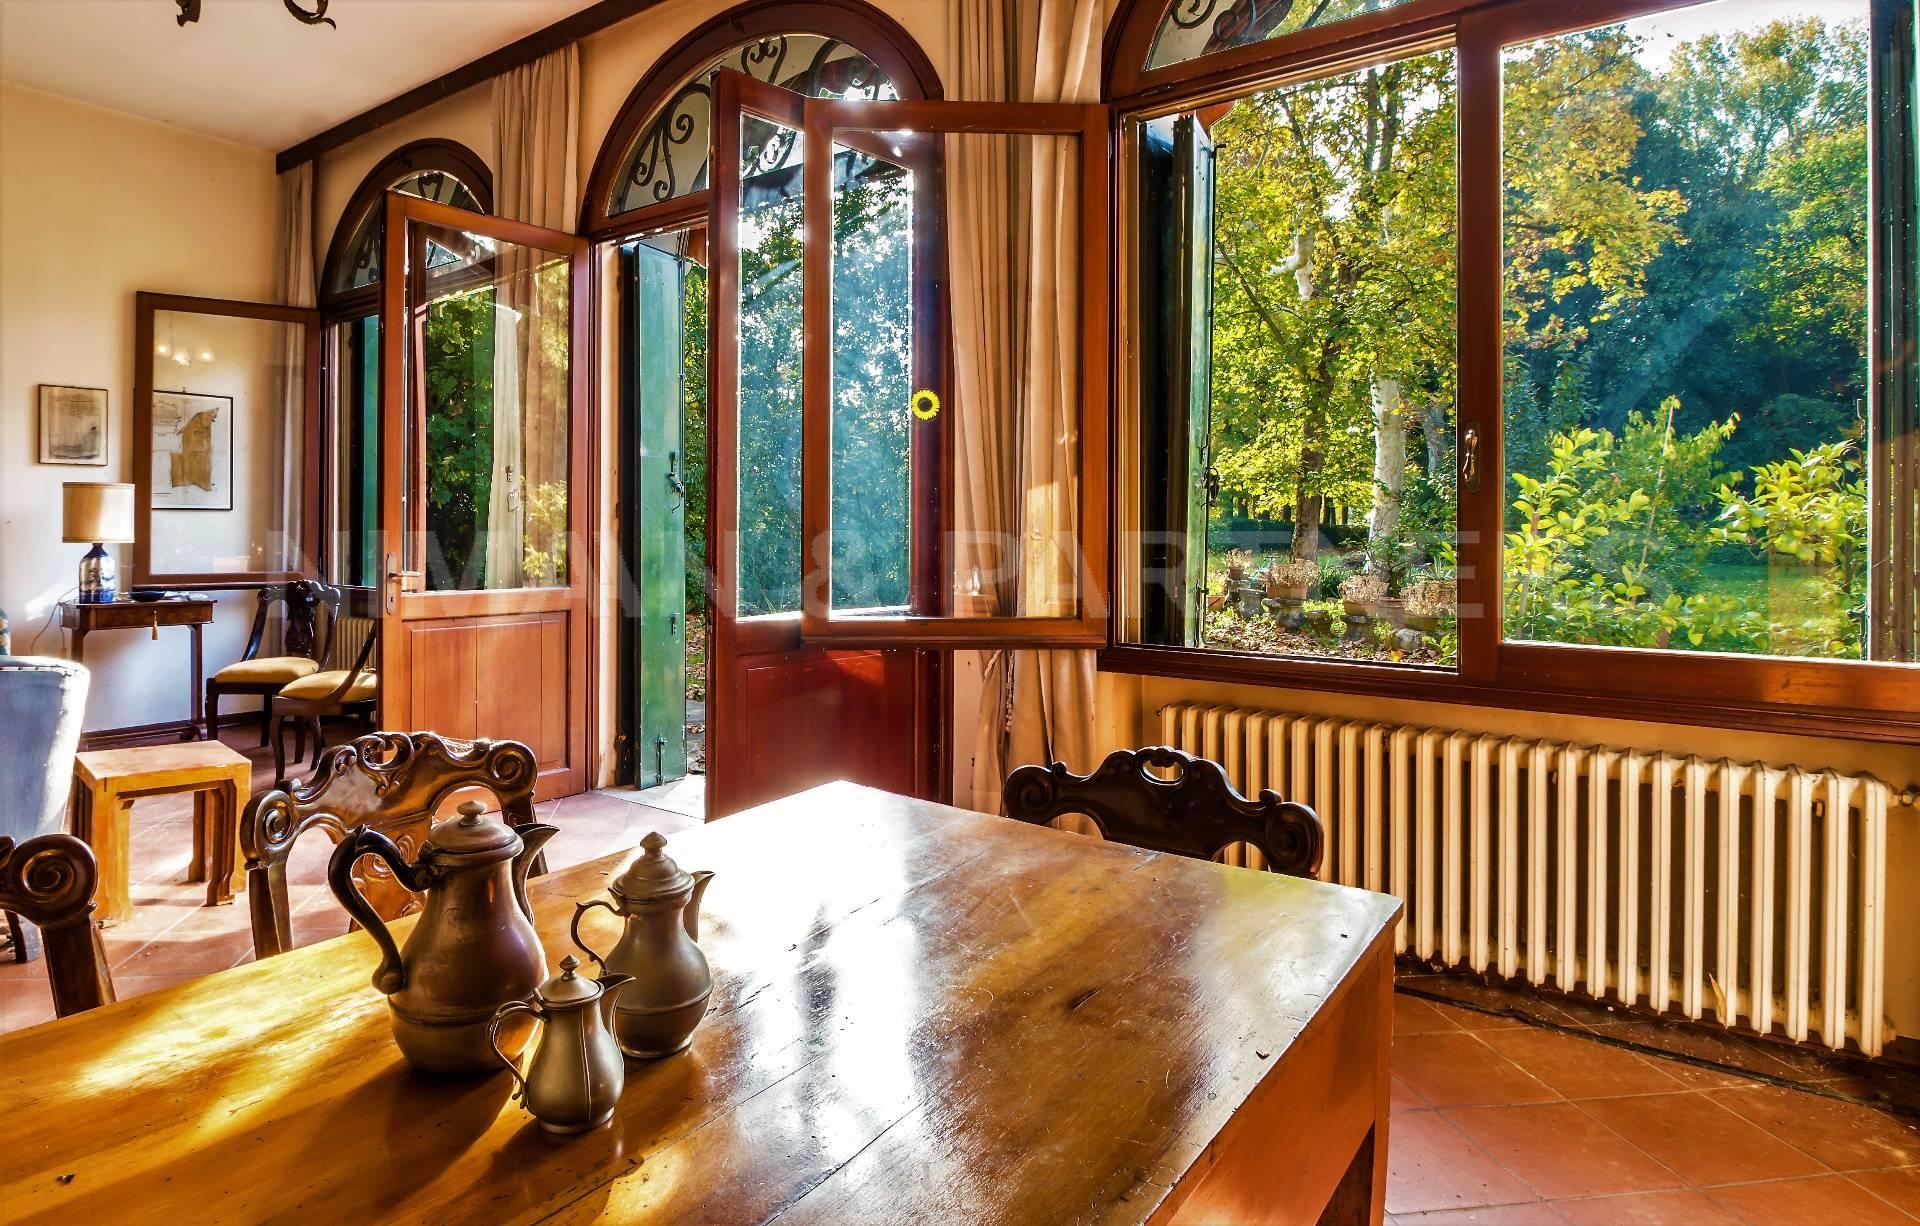 Villa in vendita a Spinea, 26 locali, zona Zona: Orgnano, prezzo € 1.690.000 | CambioCasa.it